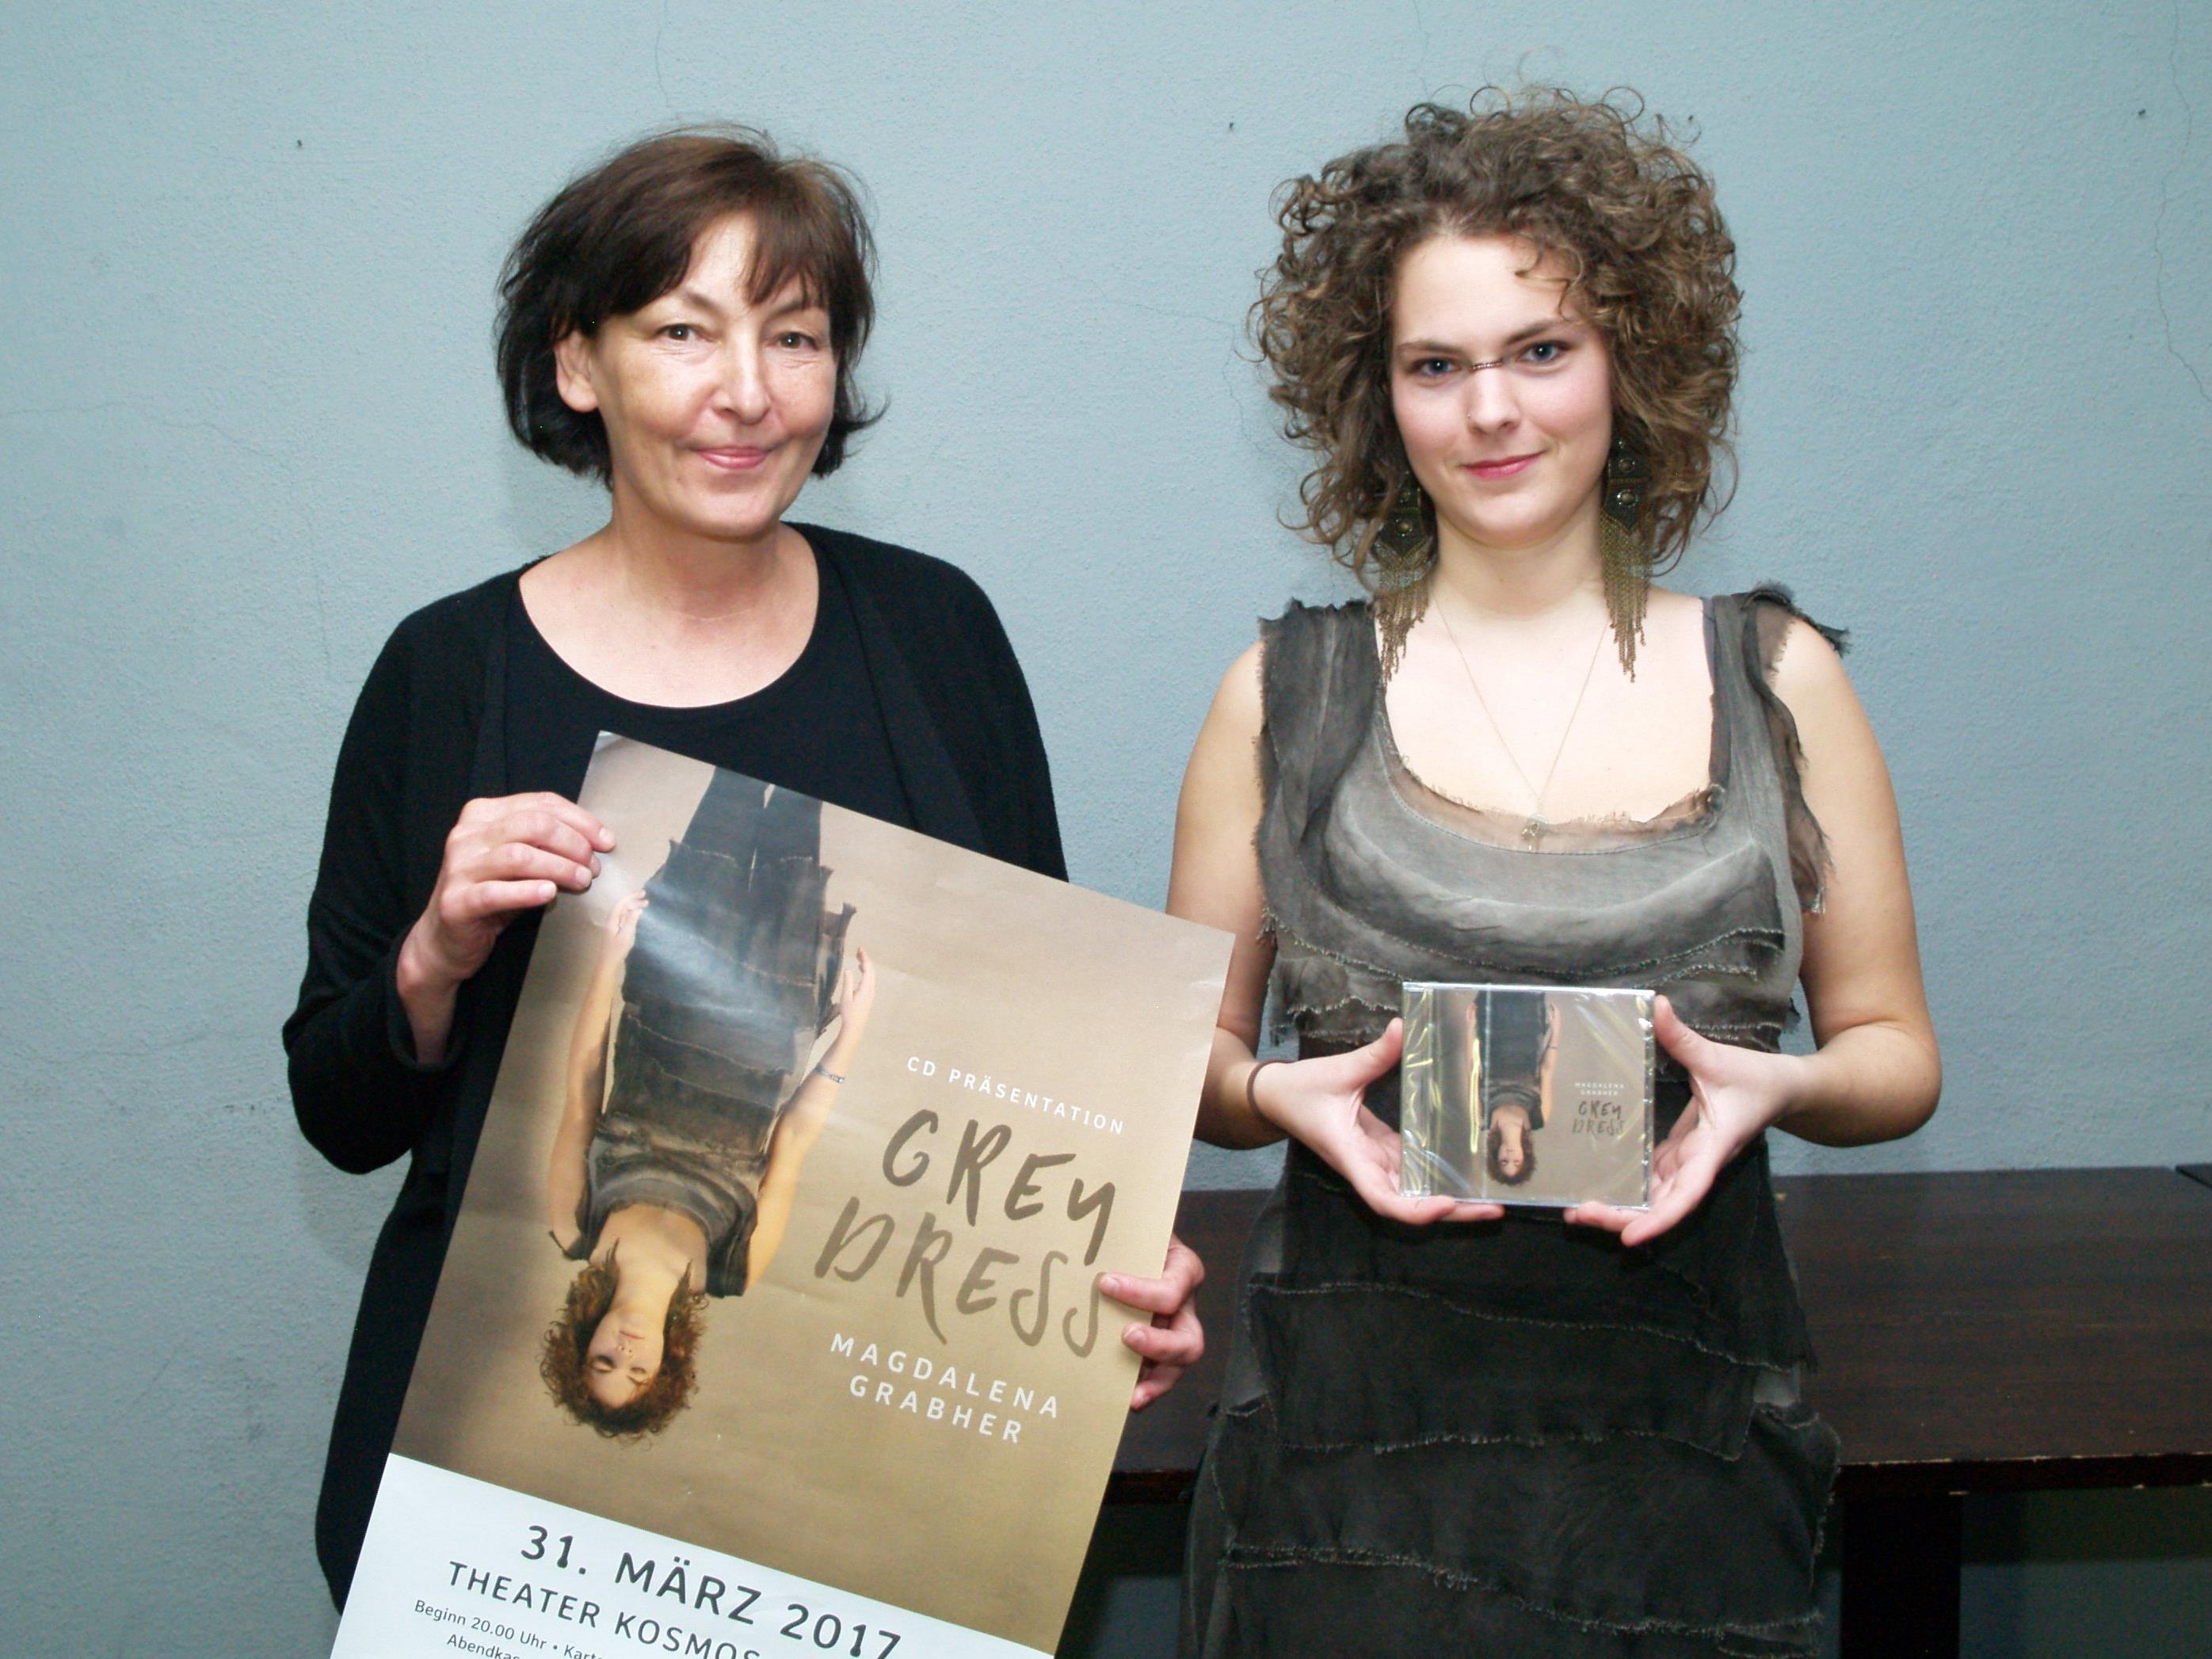 Magdalena Grabher mit Karin Kostel (Leiterin des künstlerischen Betriebsbüro des Theaters Kosmos) bei der Präsentation ihres Debütalbums.s